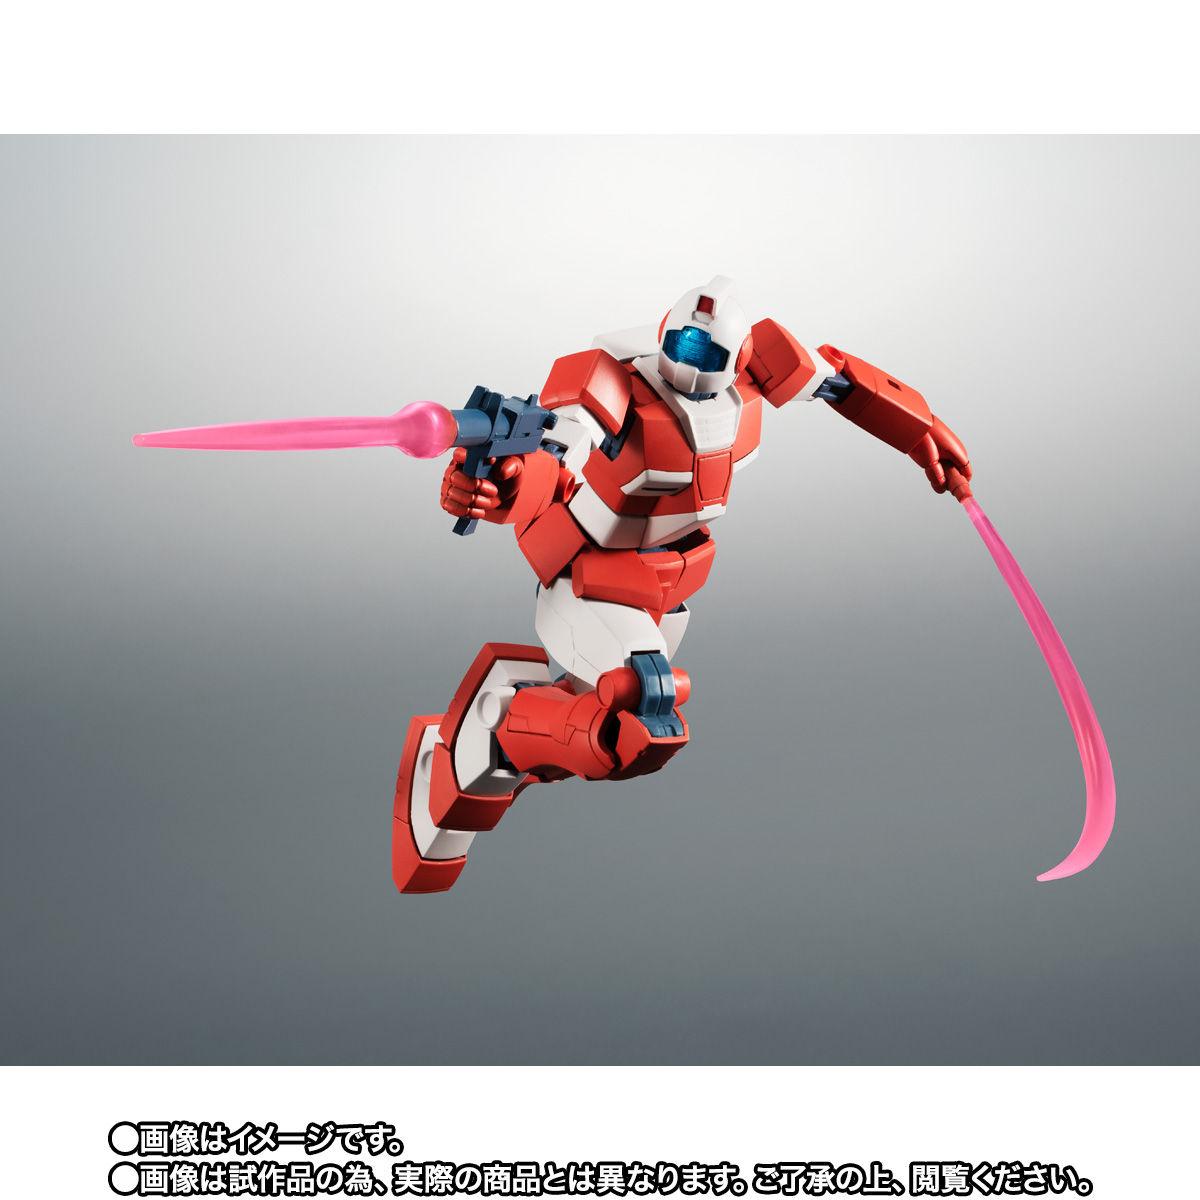 【限定販売】ROBOT魂〈SIDE MS〉『RGM-79L ジム・ライトアーマー ver. A.N.I.M.E.』ガンダムMSV 可動フィギュア-006